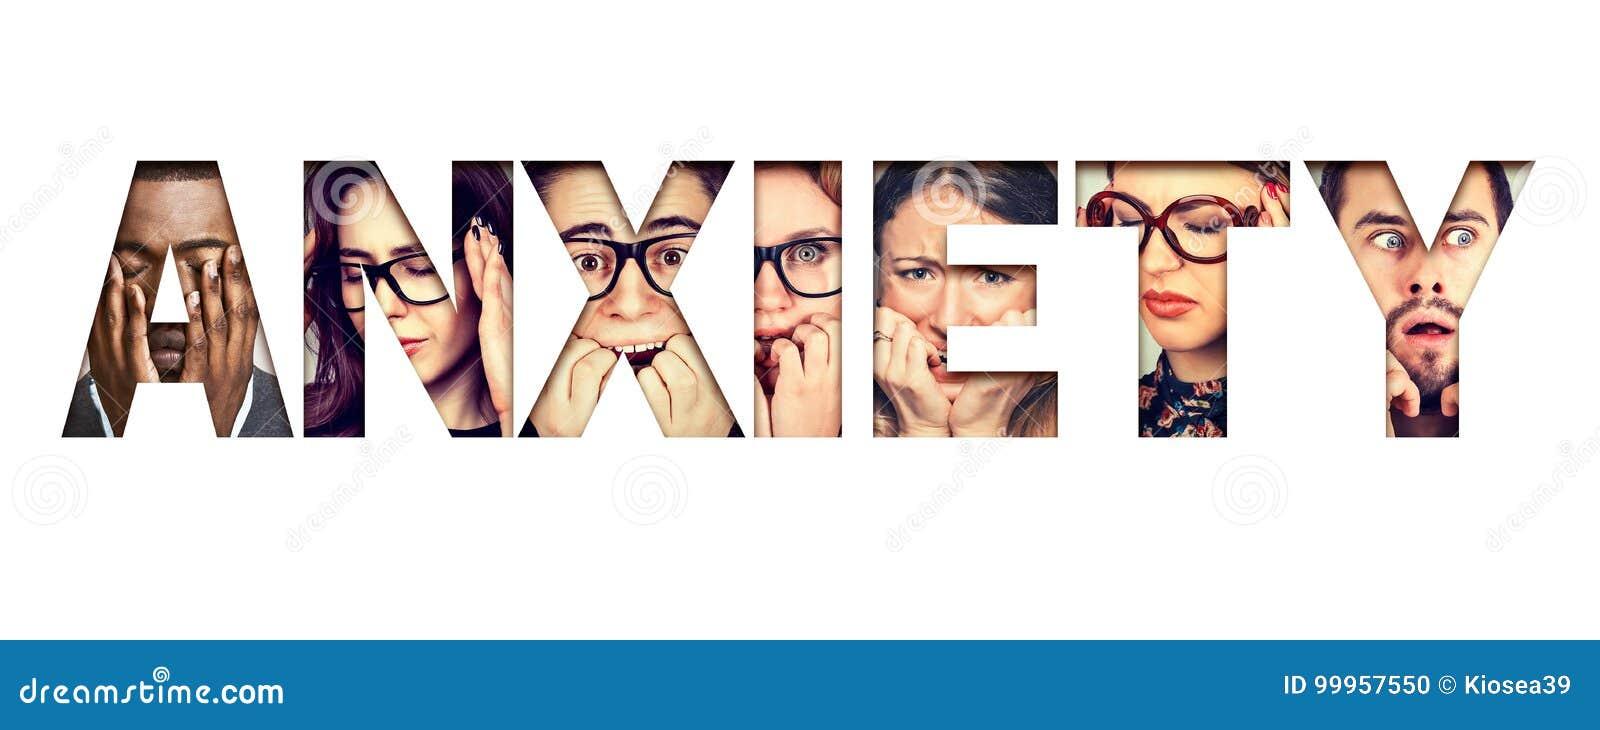 Word bezorgdheid uit bezorgde beklemtoonde gezichten van mannen en vrouwen wordt samengesteld die